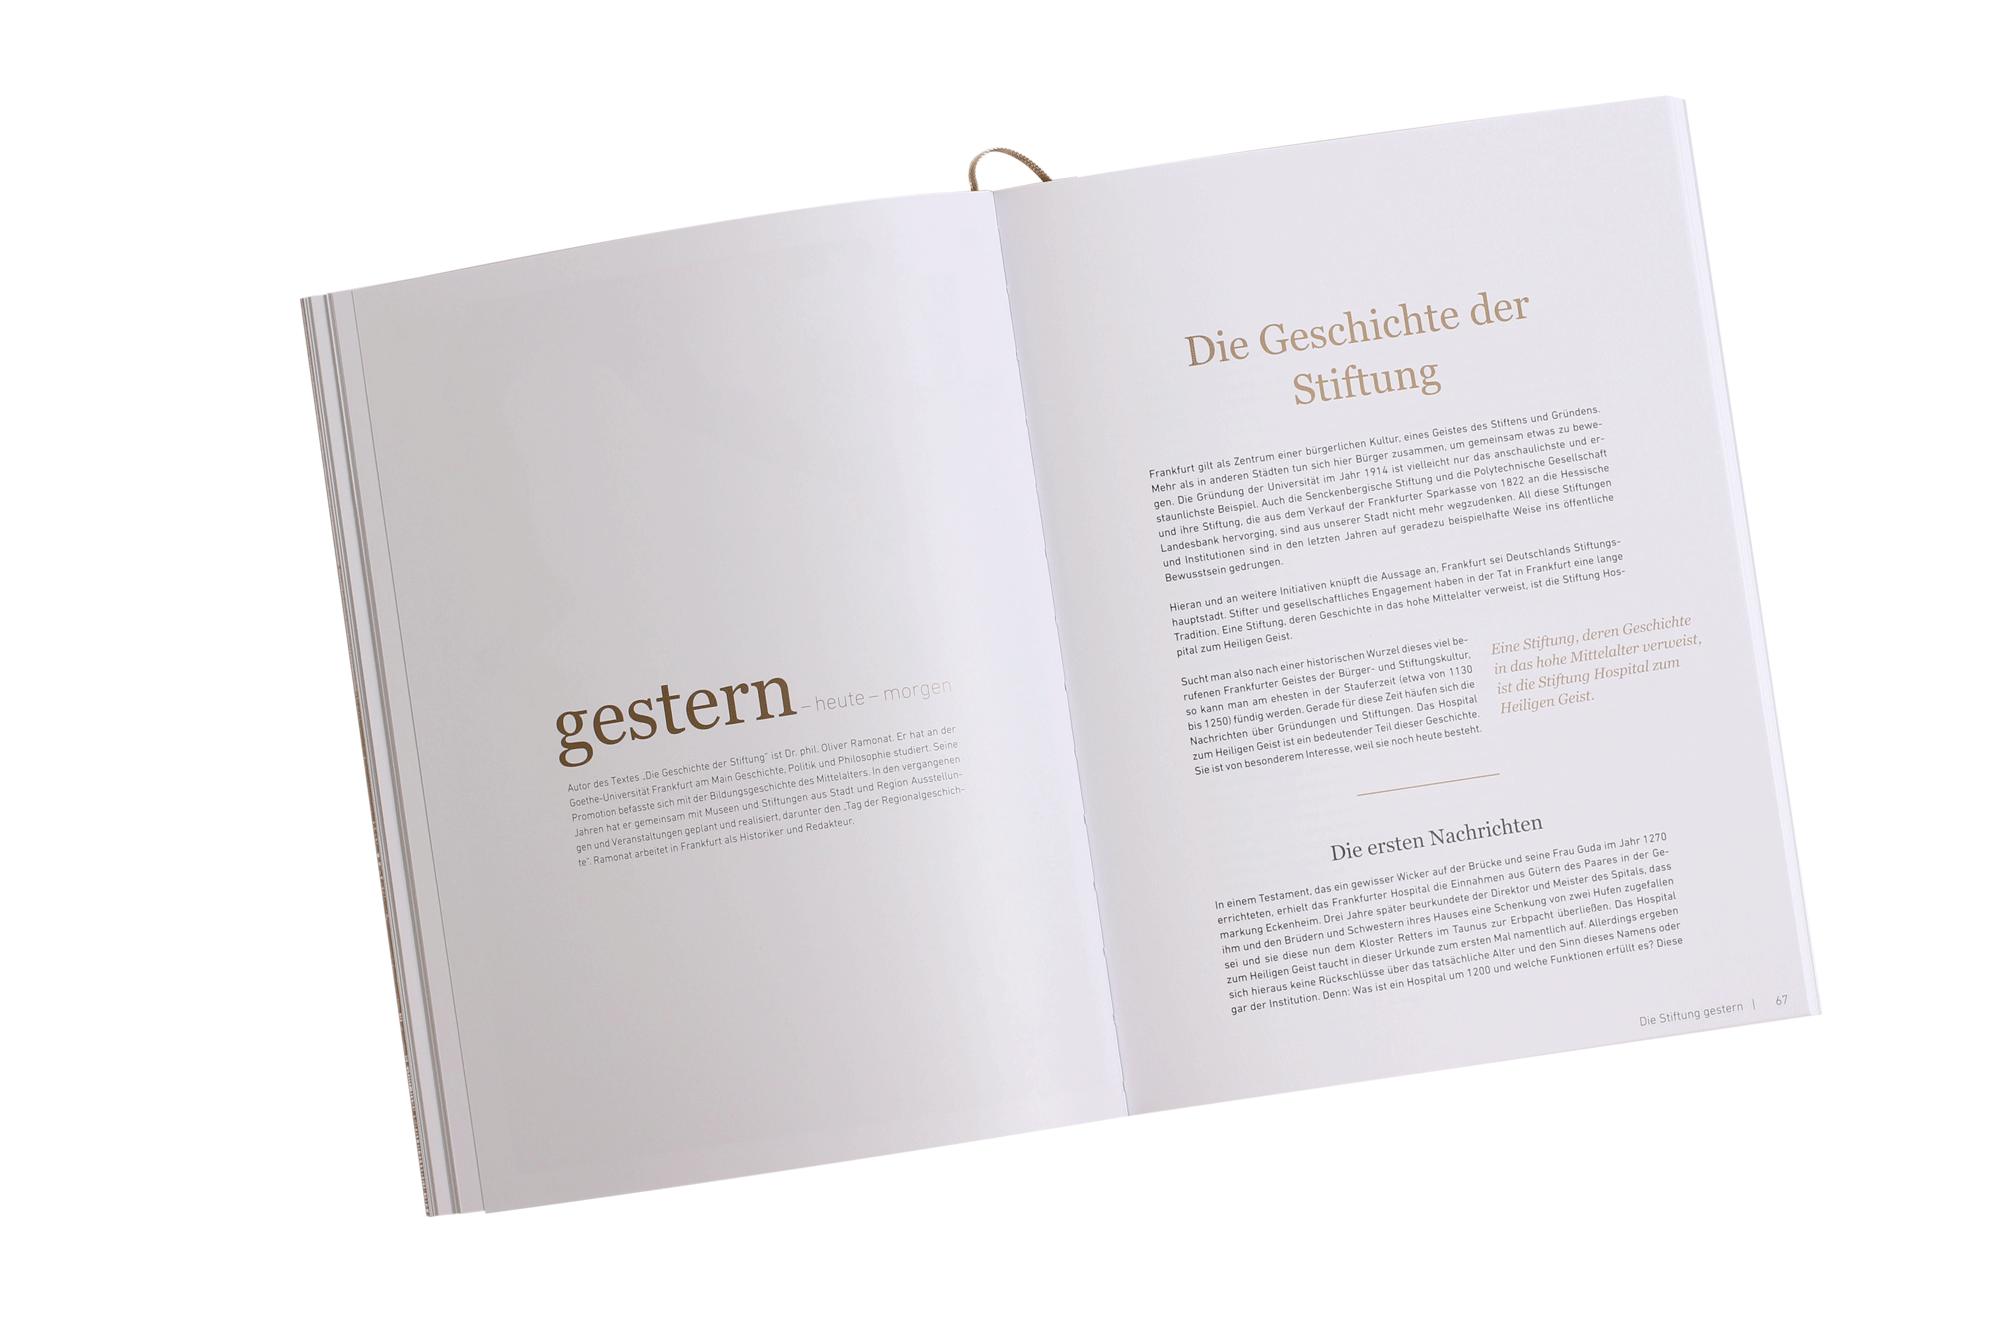 Festschrift 750 Jahre Stiftung Gestern